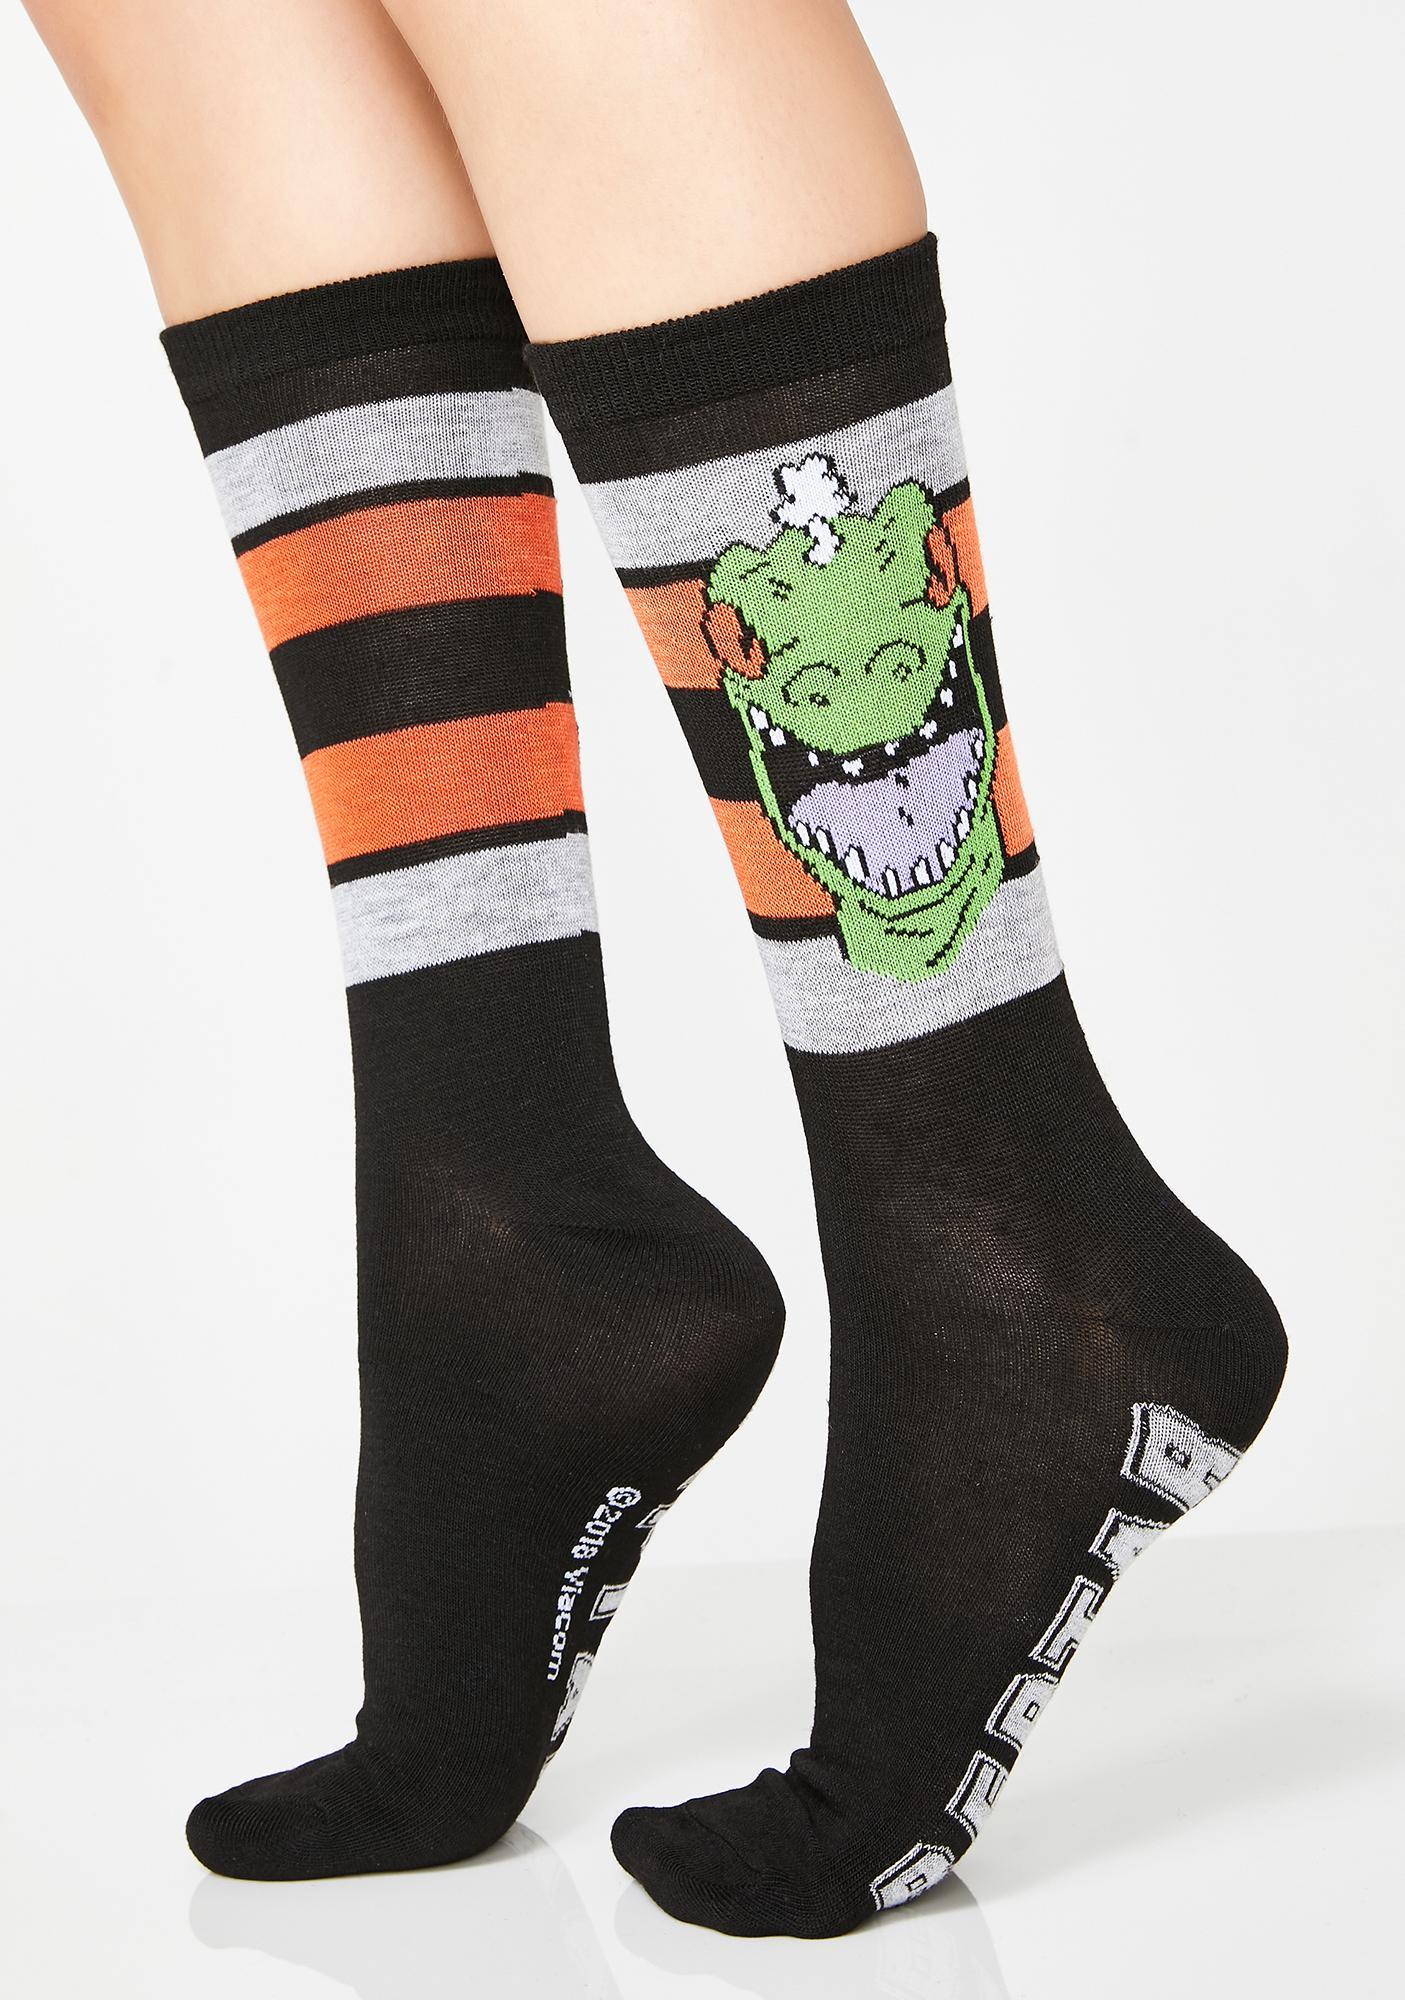 Roarin' Revenge Crew Sock Set